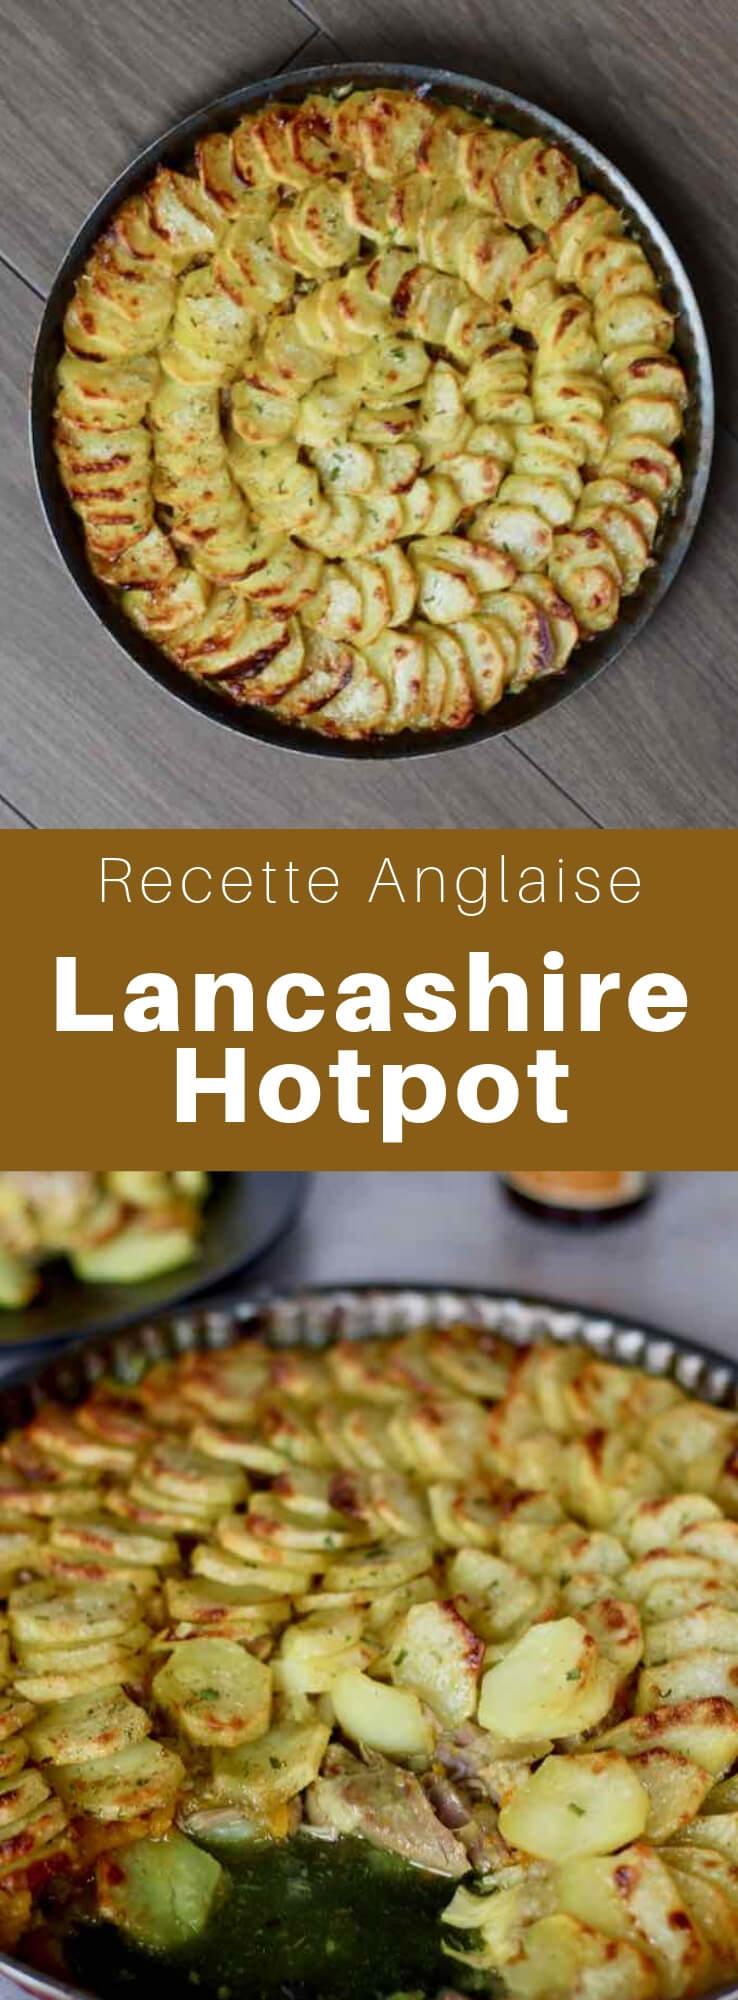 Le Lancashire hotpot est un plat typique du nord ouest de l'Angleterre longuement mijoté au four, composé d'agneau, d'oignons, et de pommes de terre. #RoyaumeUni #Angleterre #RecetteAnglaise #RecetteBritannique #CuisineAnglaise #CuisineBritannique #CuisineDuMonde #196flavors